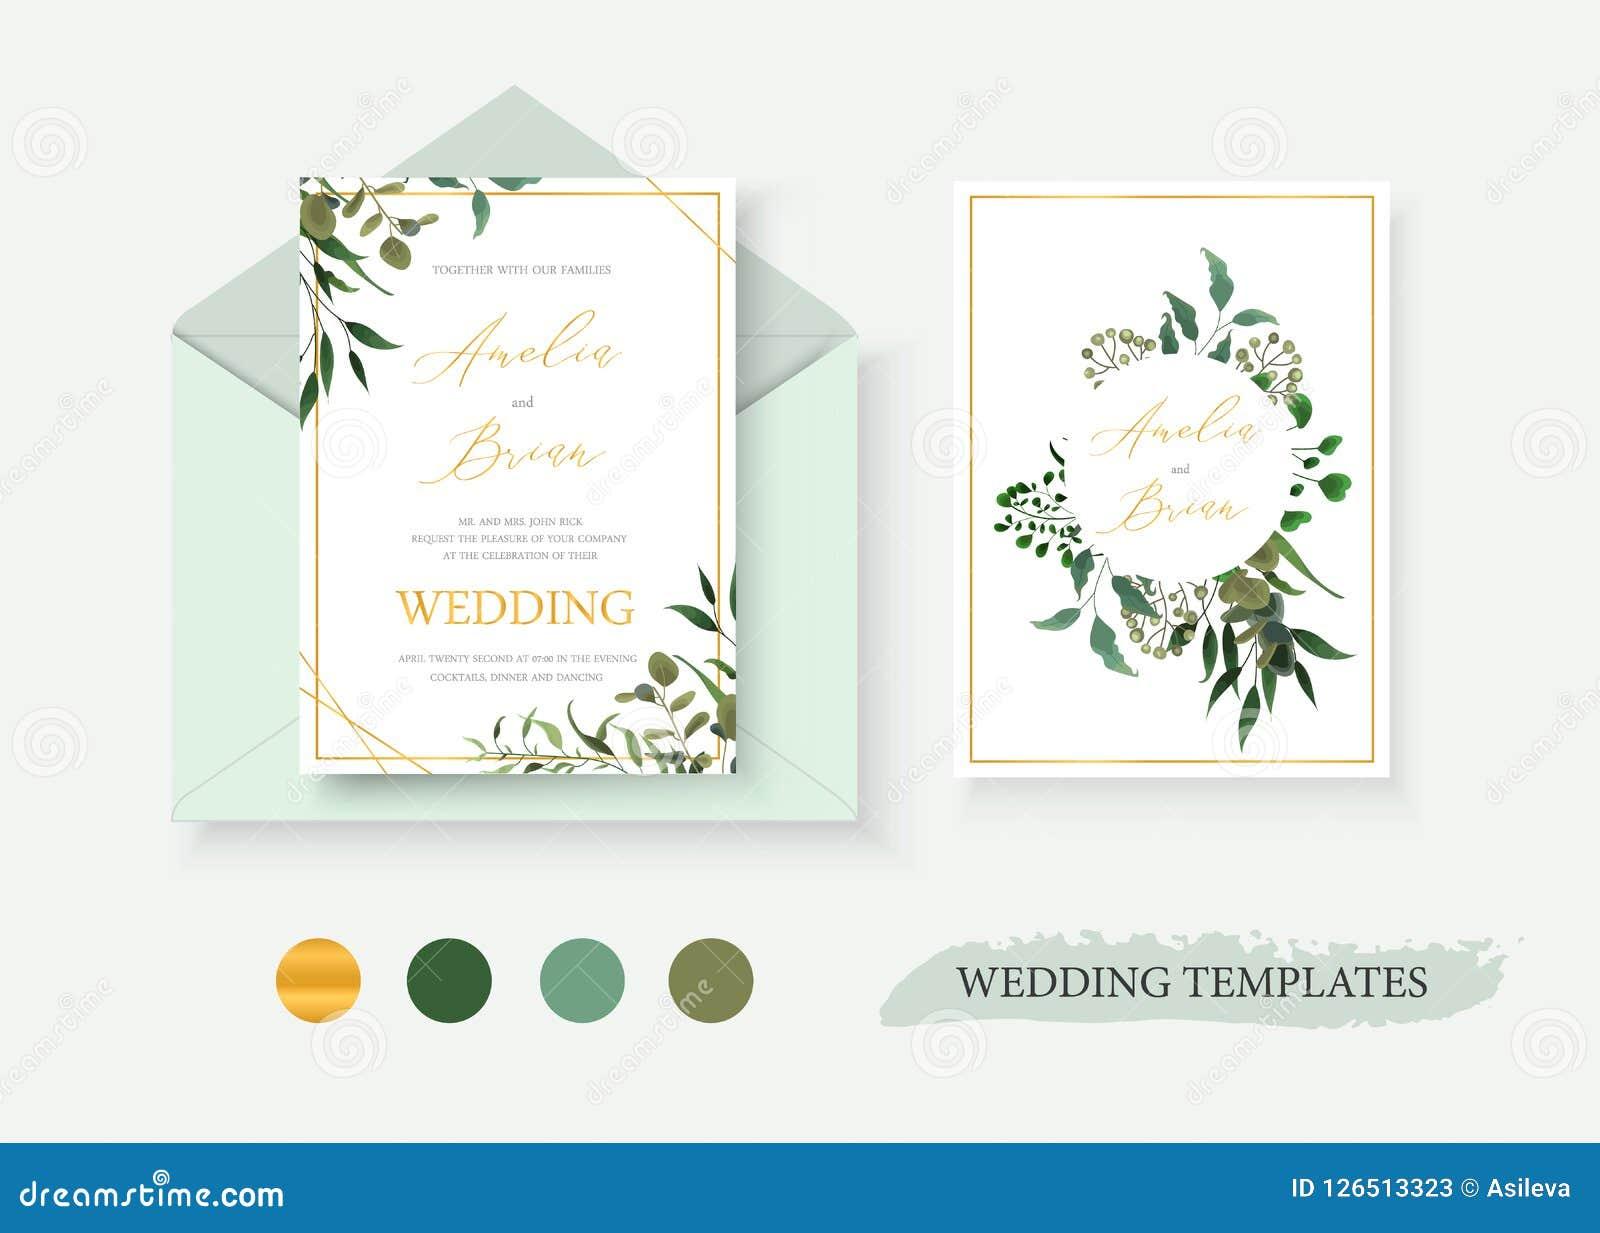 wedding floral gold invitation card envelope save the date design